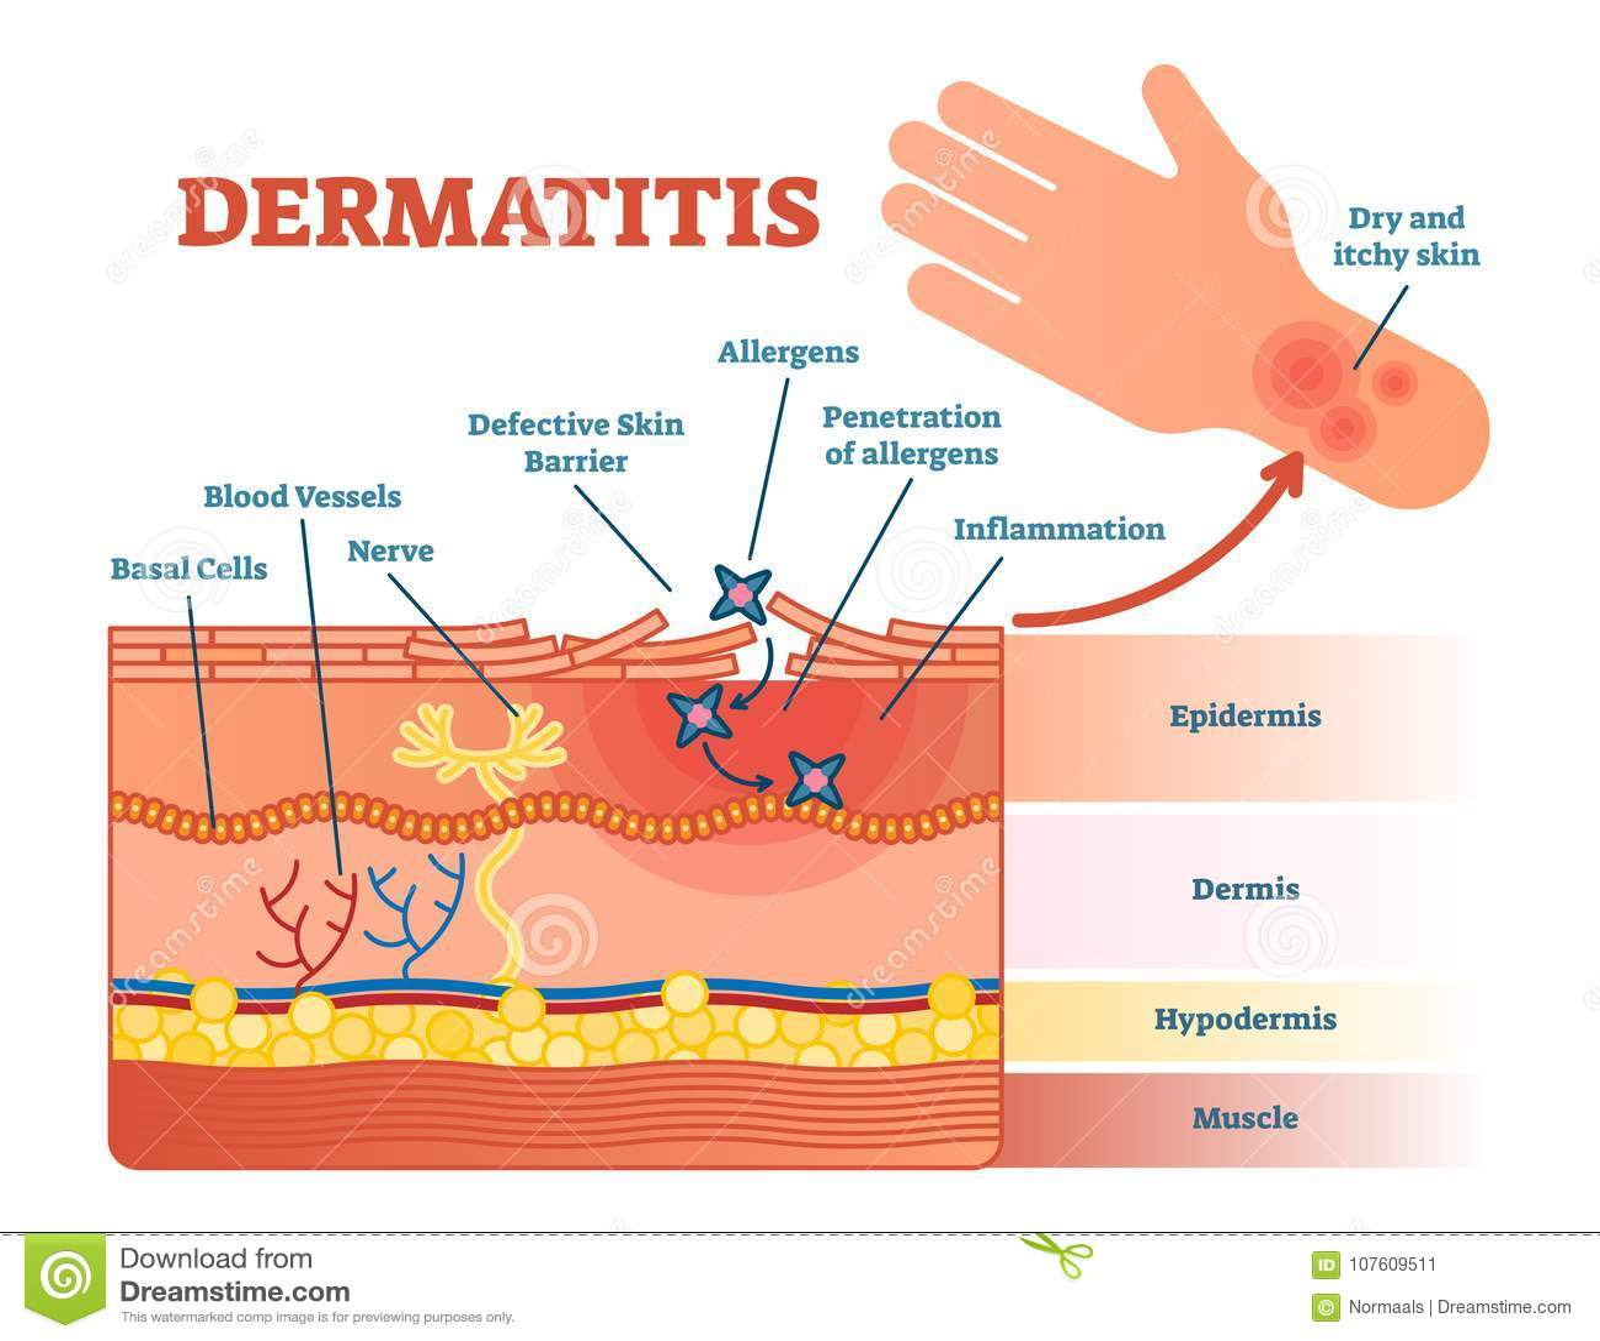 Dermatitis płaski wektorowy ilustracyjny diagram z skór warstwami i allergen ruchem Edukacyjna medyczna informacja